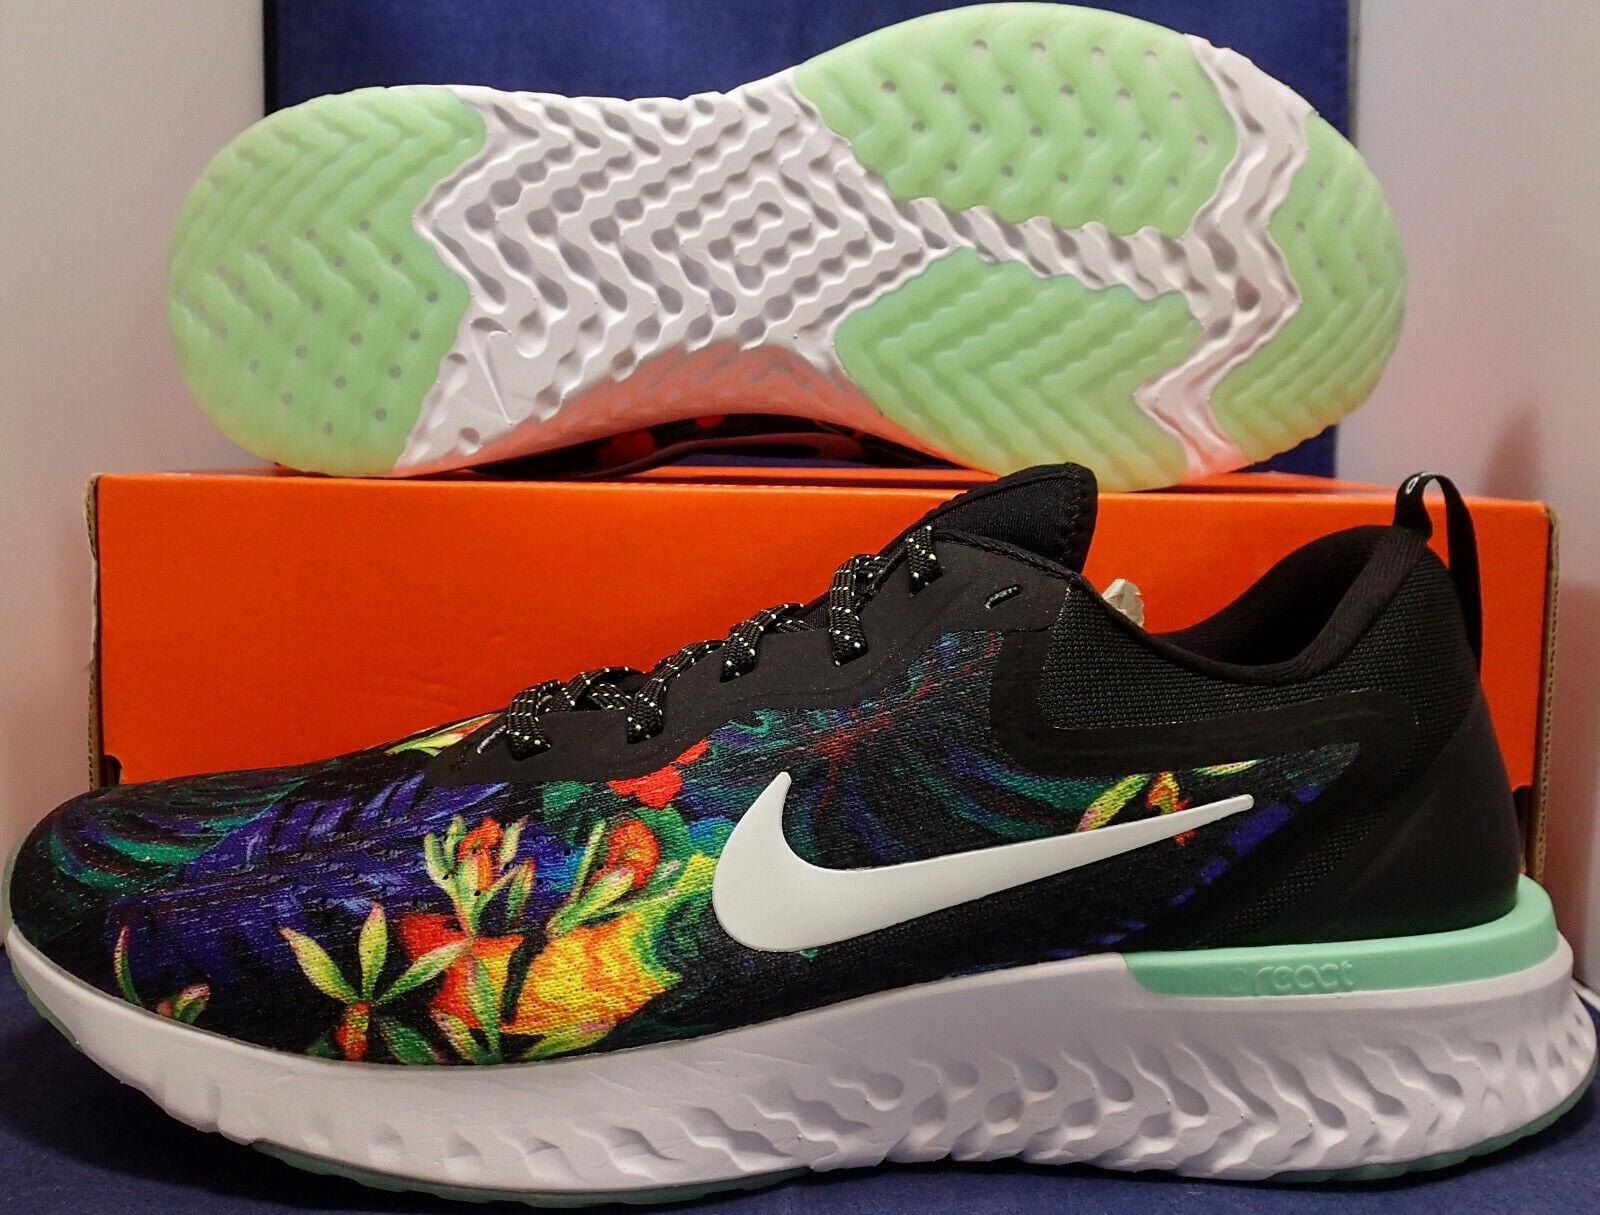 Nike Odyssey React GPX Rs Blaumenmuster Sz 9.5 (AV3255-001)